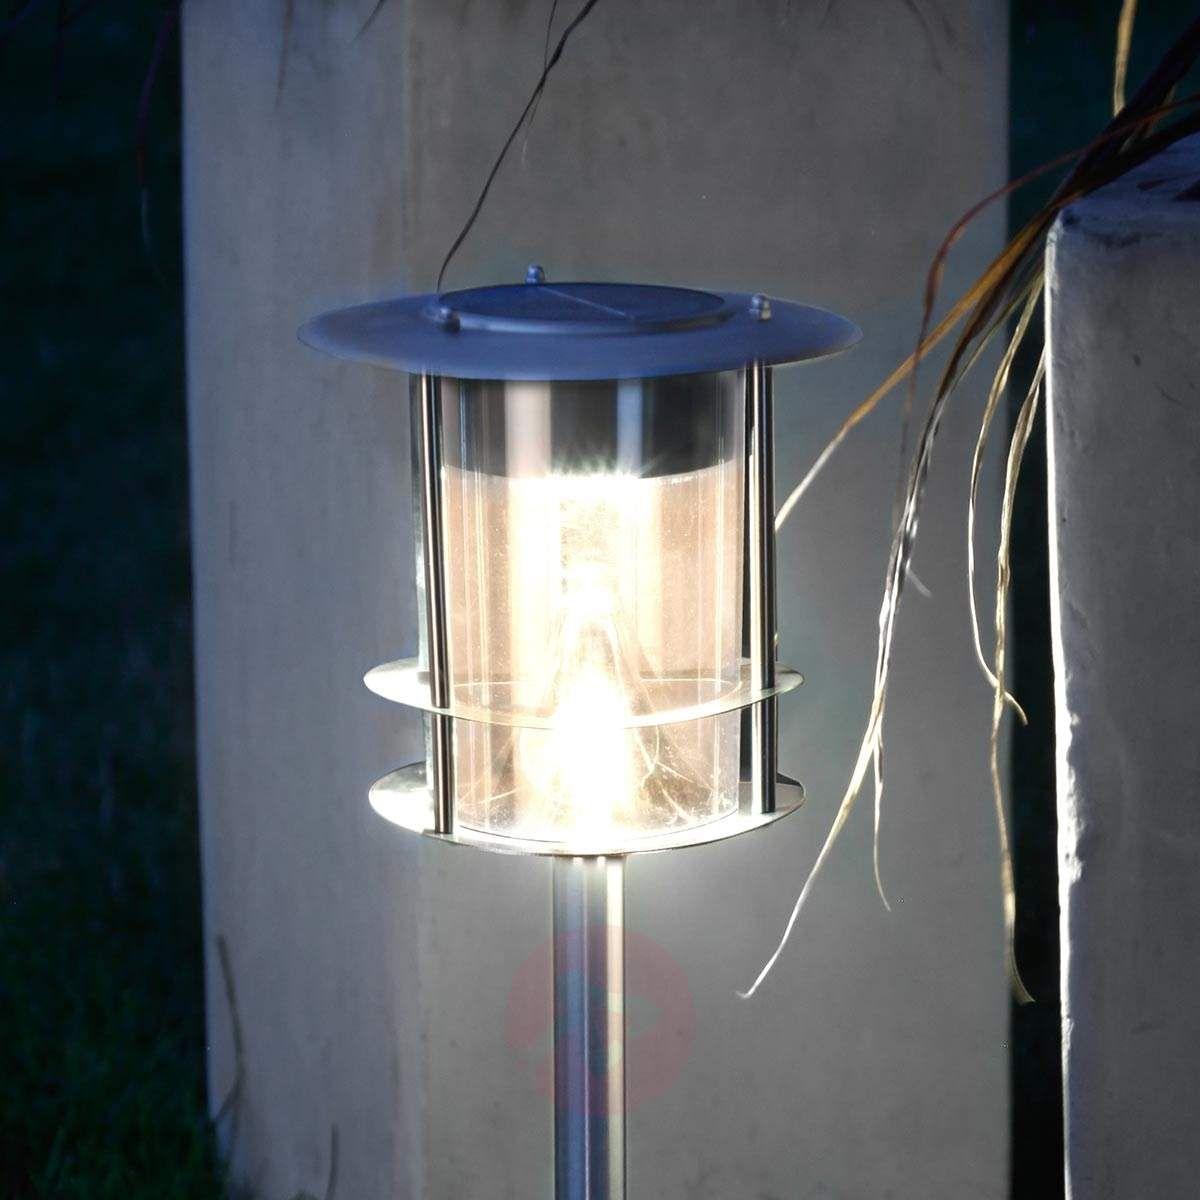 Lampa solarna LED Garden Stick z grotem ziemnym | Lampy